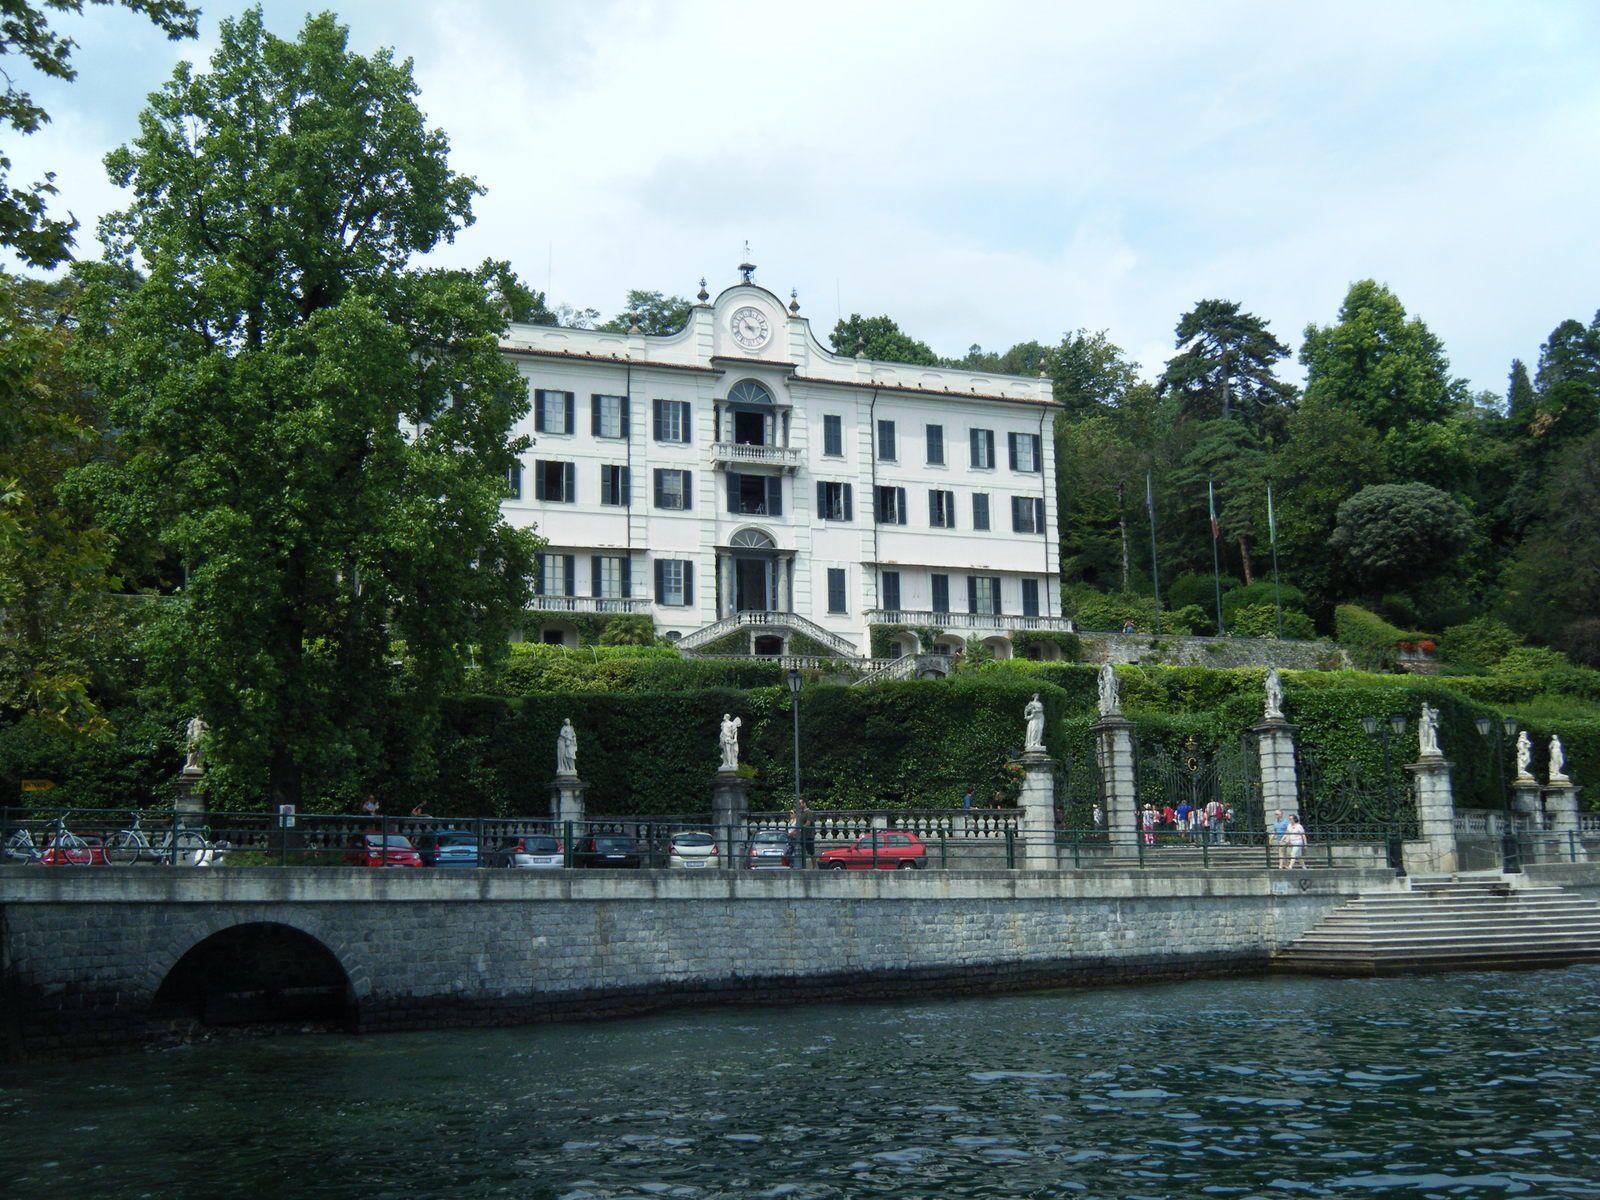 Une semaine en Italie # 3